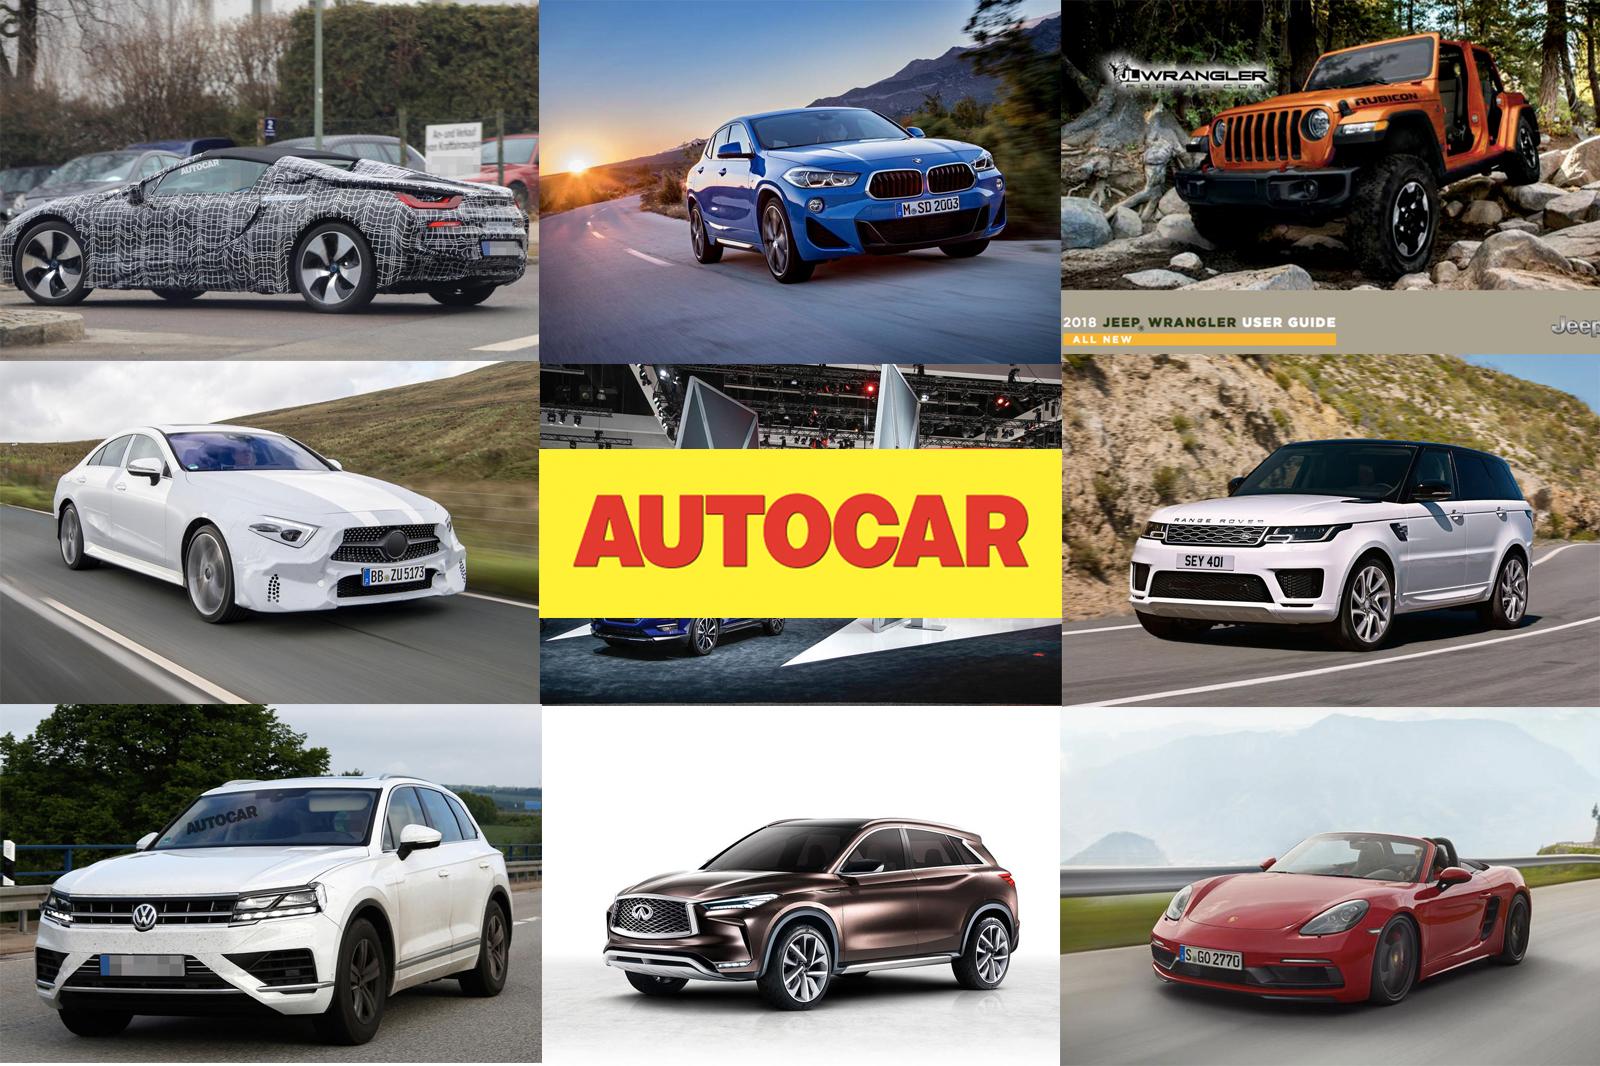 2017 LA автосалон — предварительный просмотр